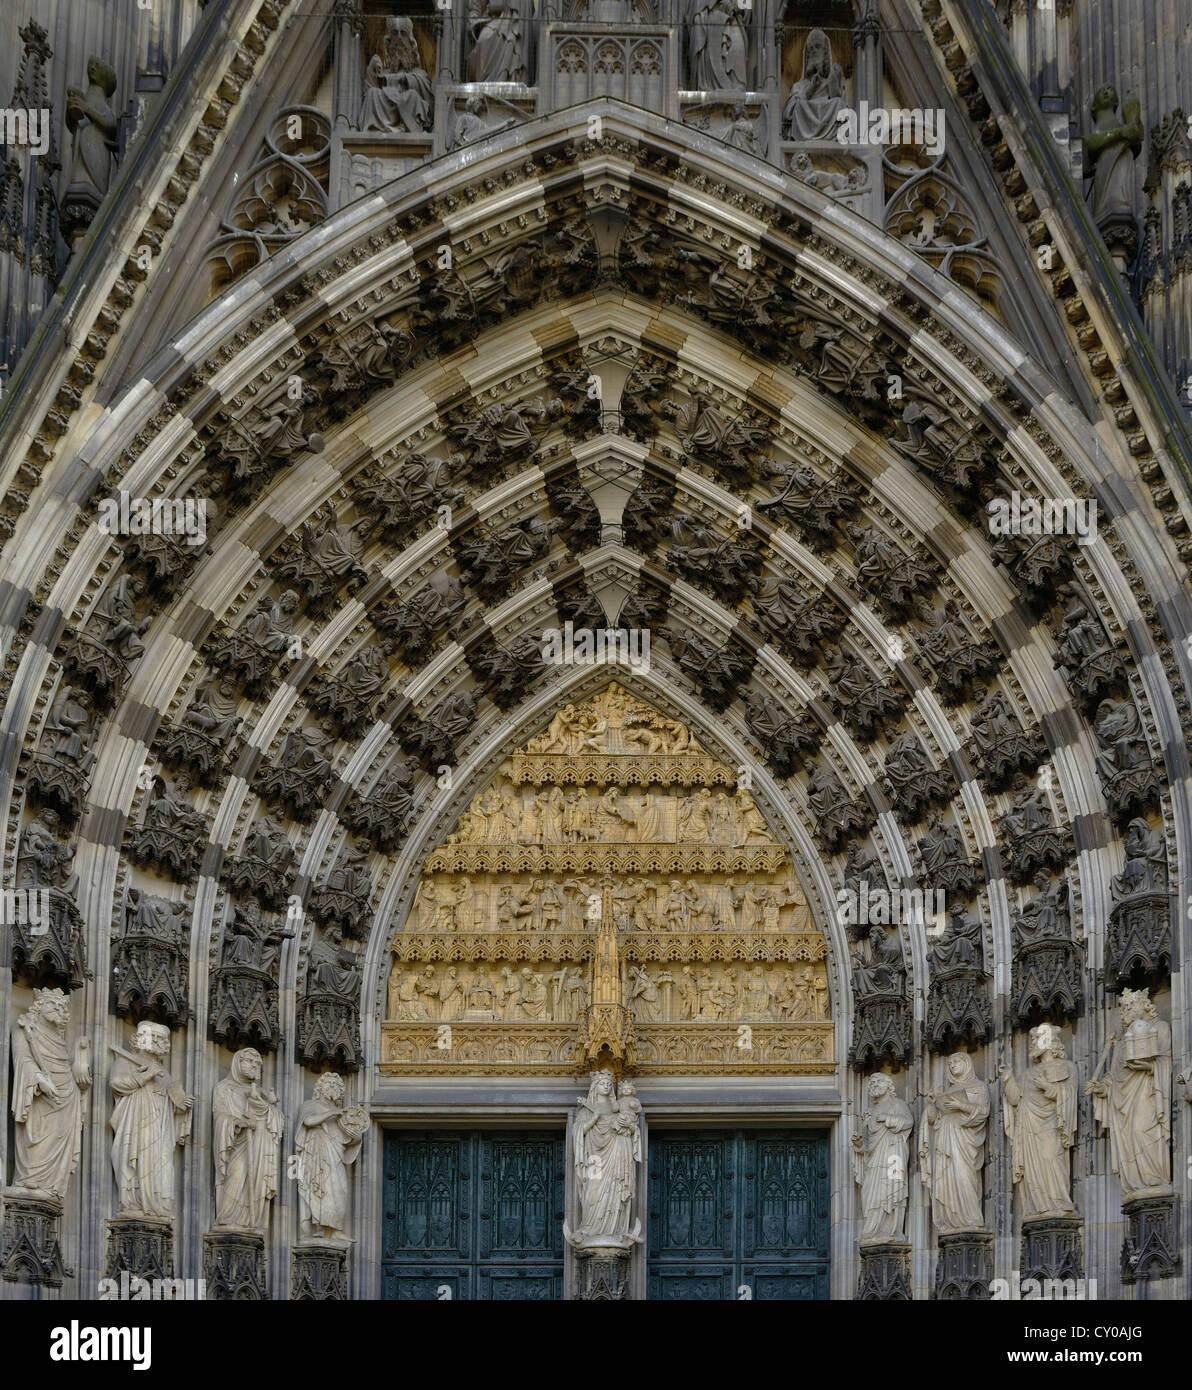 Detailansicht der Jungfrau Maria und Christus Kind im Zentrum, Kölner Dom, den Westeingang, Haupteingang Stockbild